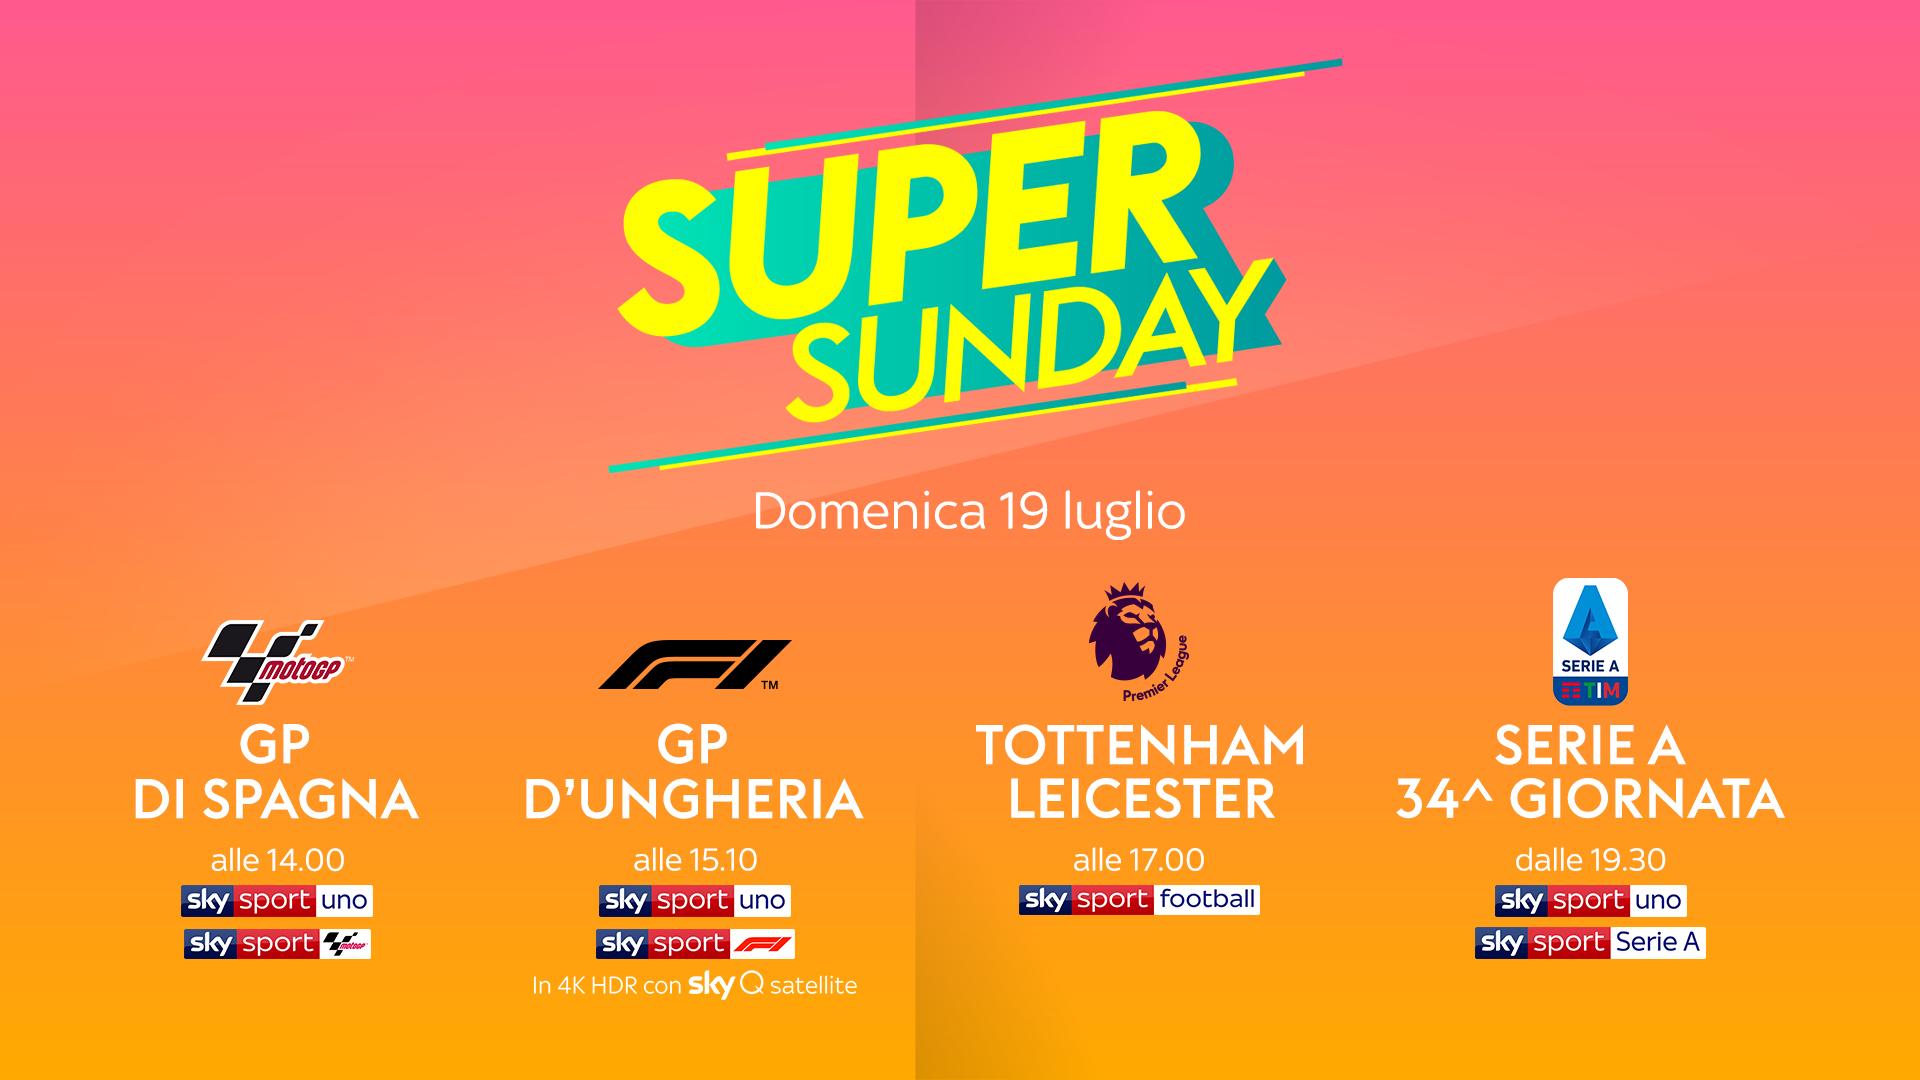 MotoGP, Formula 1, Premier e Serie A, su Sky Sport è Super Sunday!